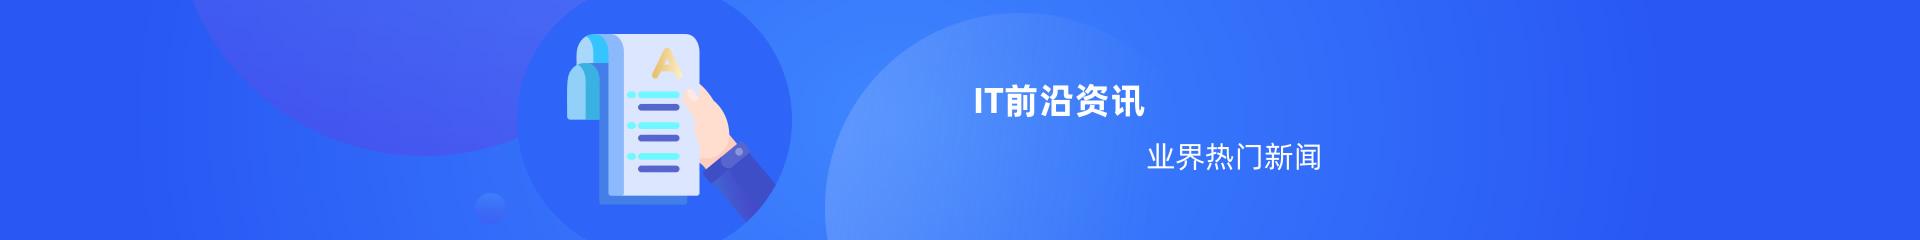 中培教育IT资讯